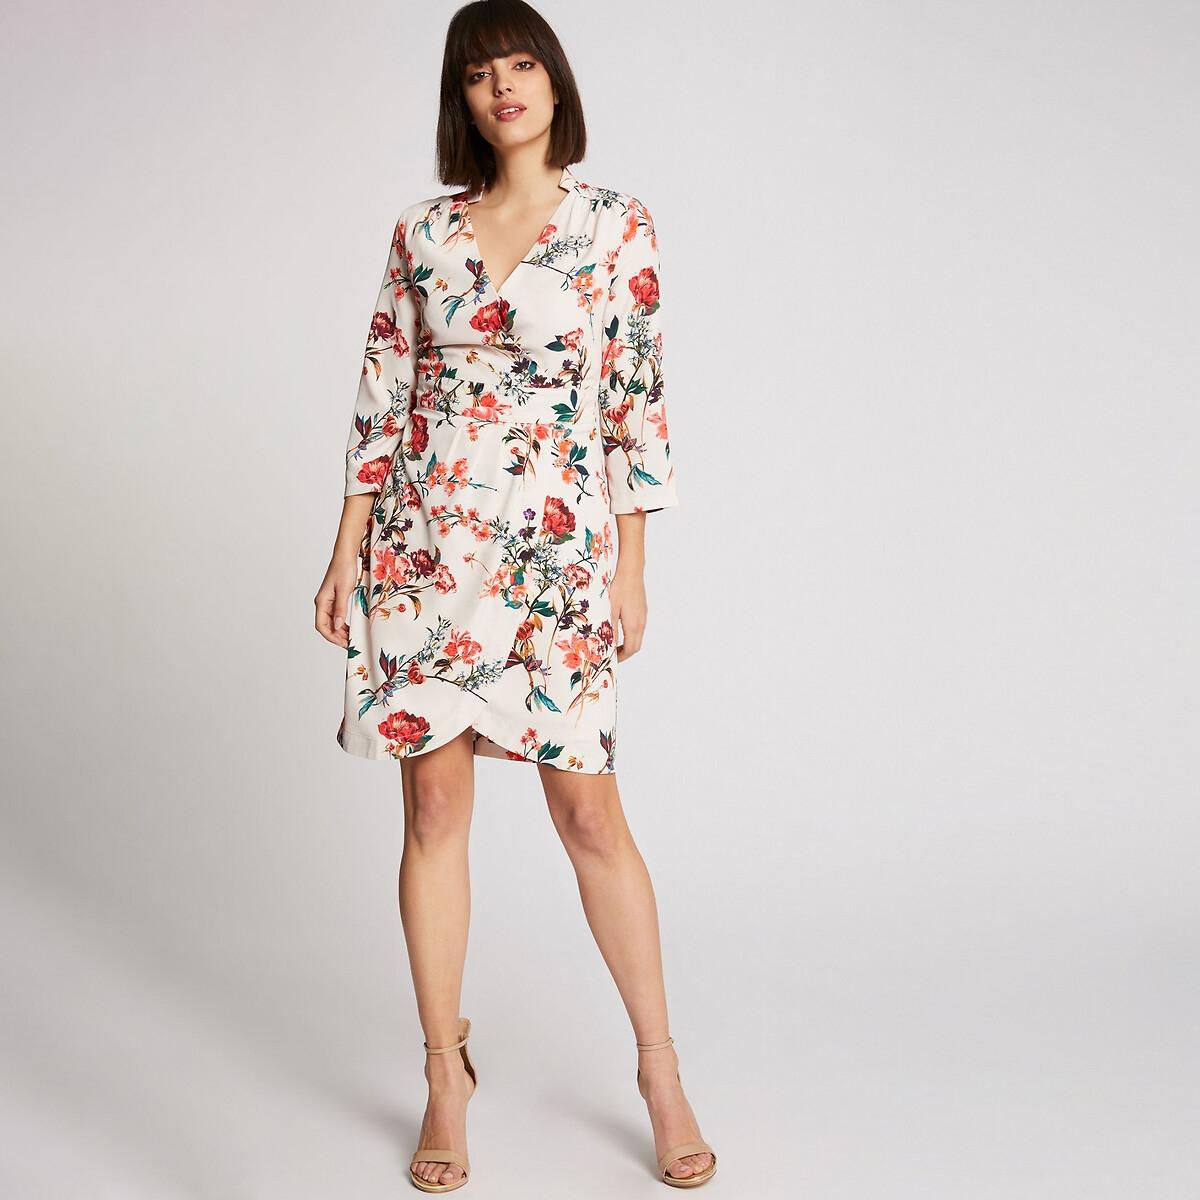 Платье La Redoute С запахом с цветочным рисунком 36 (FR) - 42 (RUS) белый платье la redoute длинное с цветочным рисунком и напускным эффектом 34 fr 40 rus черный